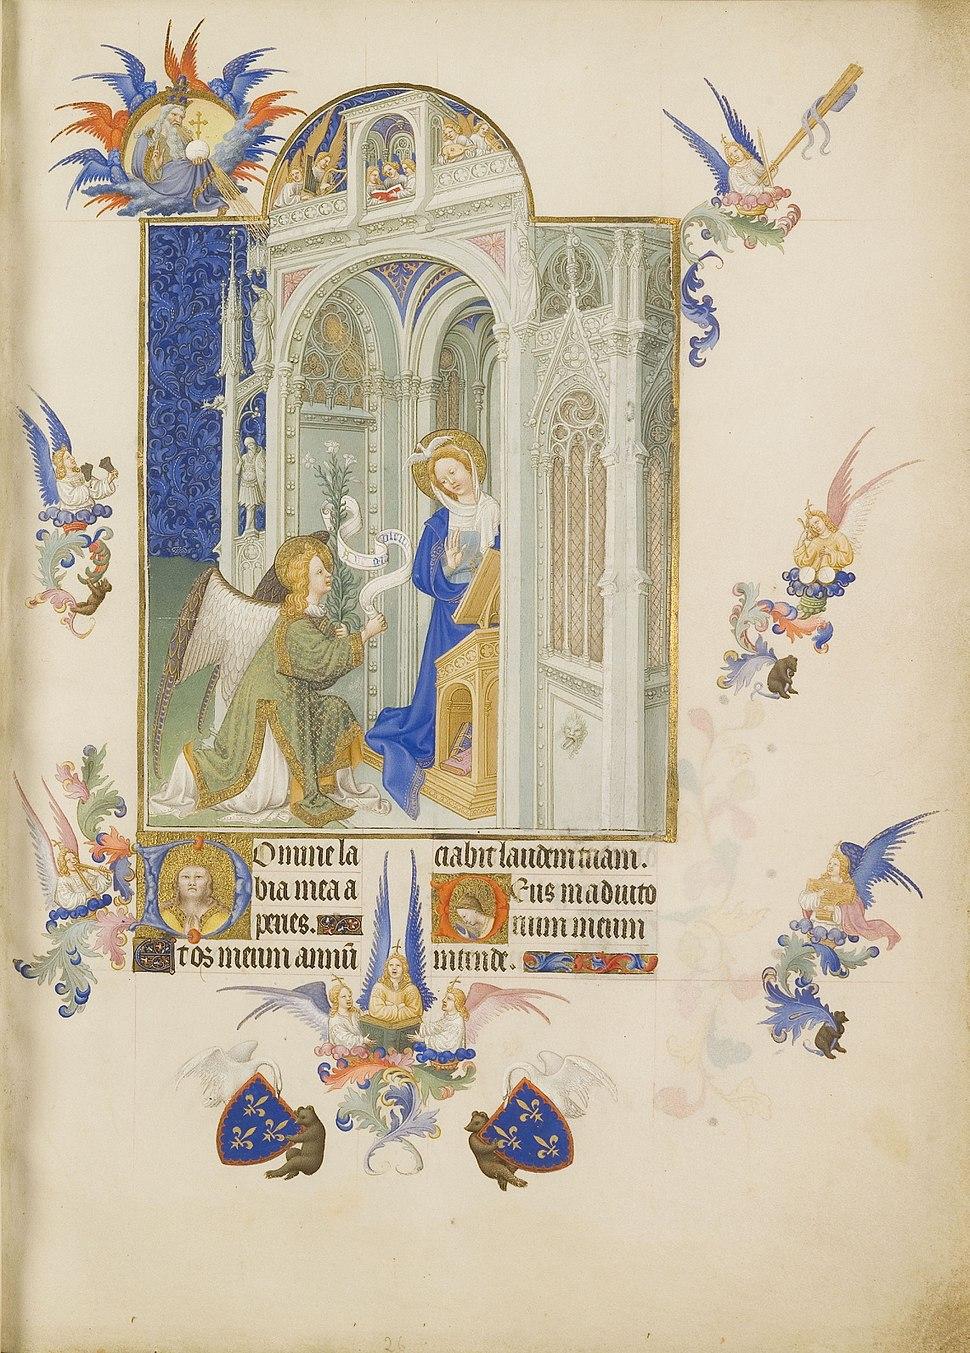 Folio 26r - The Annunciation